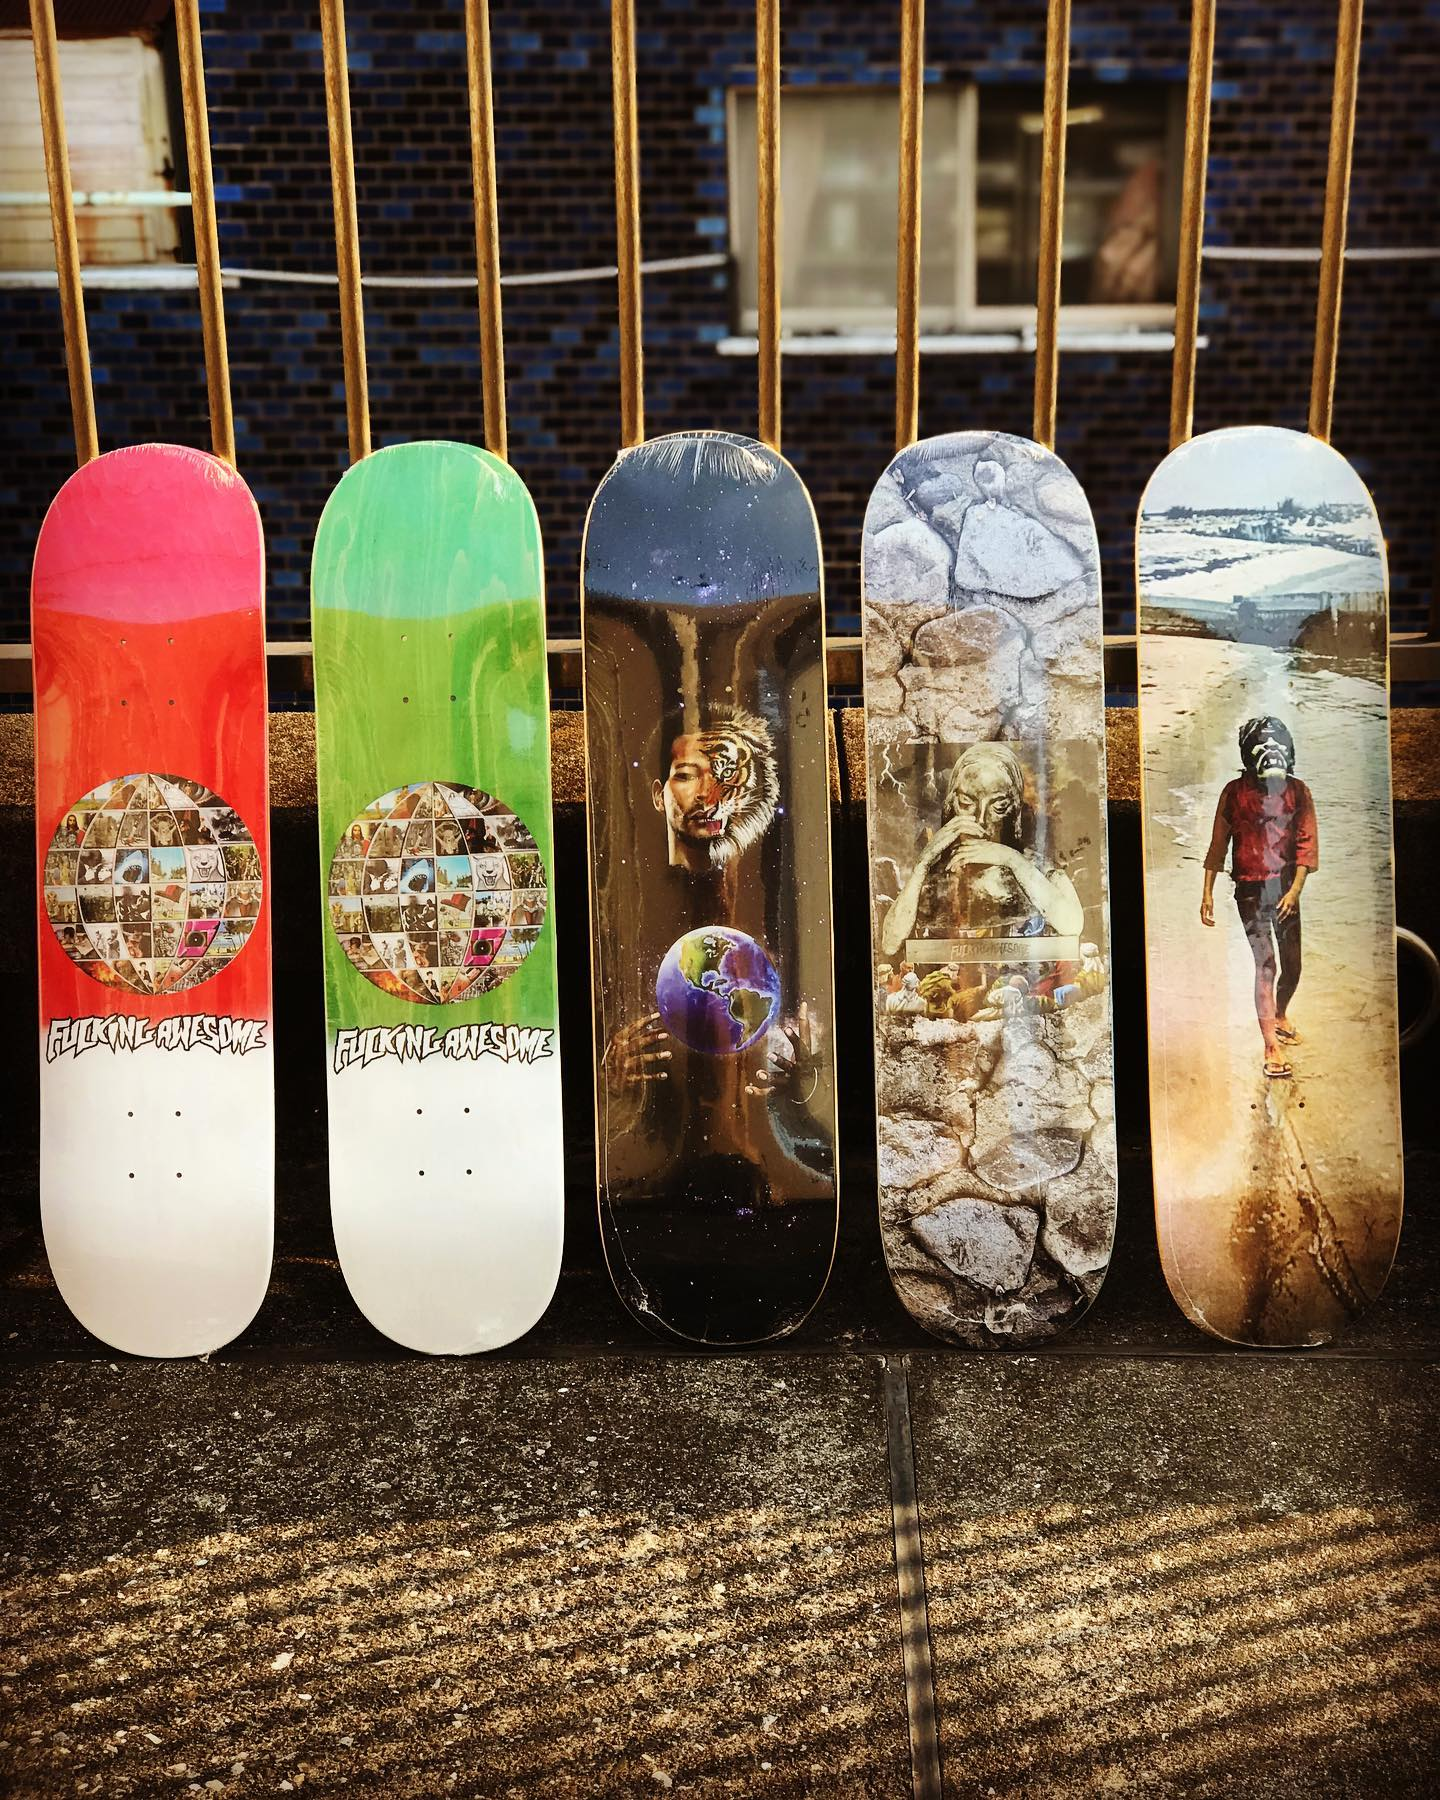 ・New @fuckingawesome decks.90年代のニューヨークシーンを牽引してきたJason DillとフォトグラファーMike Piscitelliによって立ち上げられたスケートカンパニー「FUCKING AWESOME」